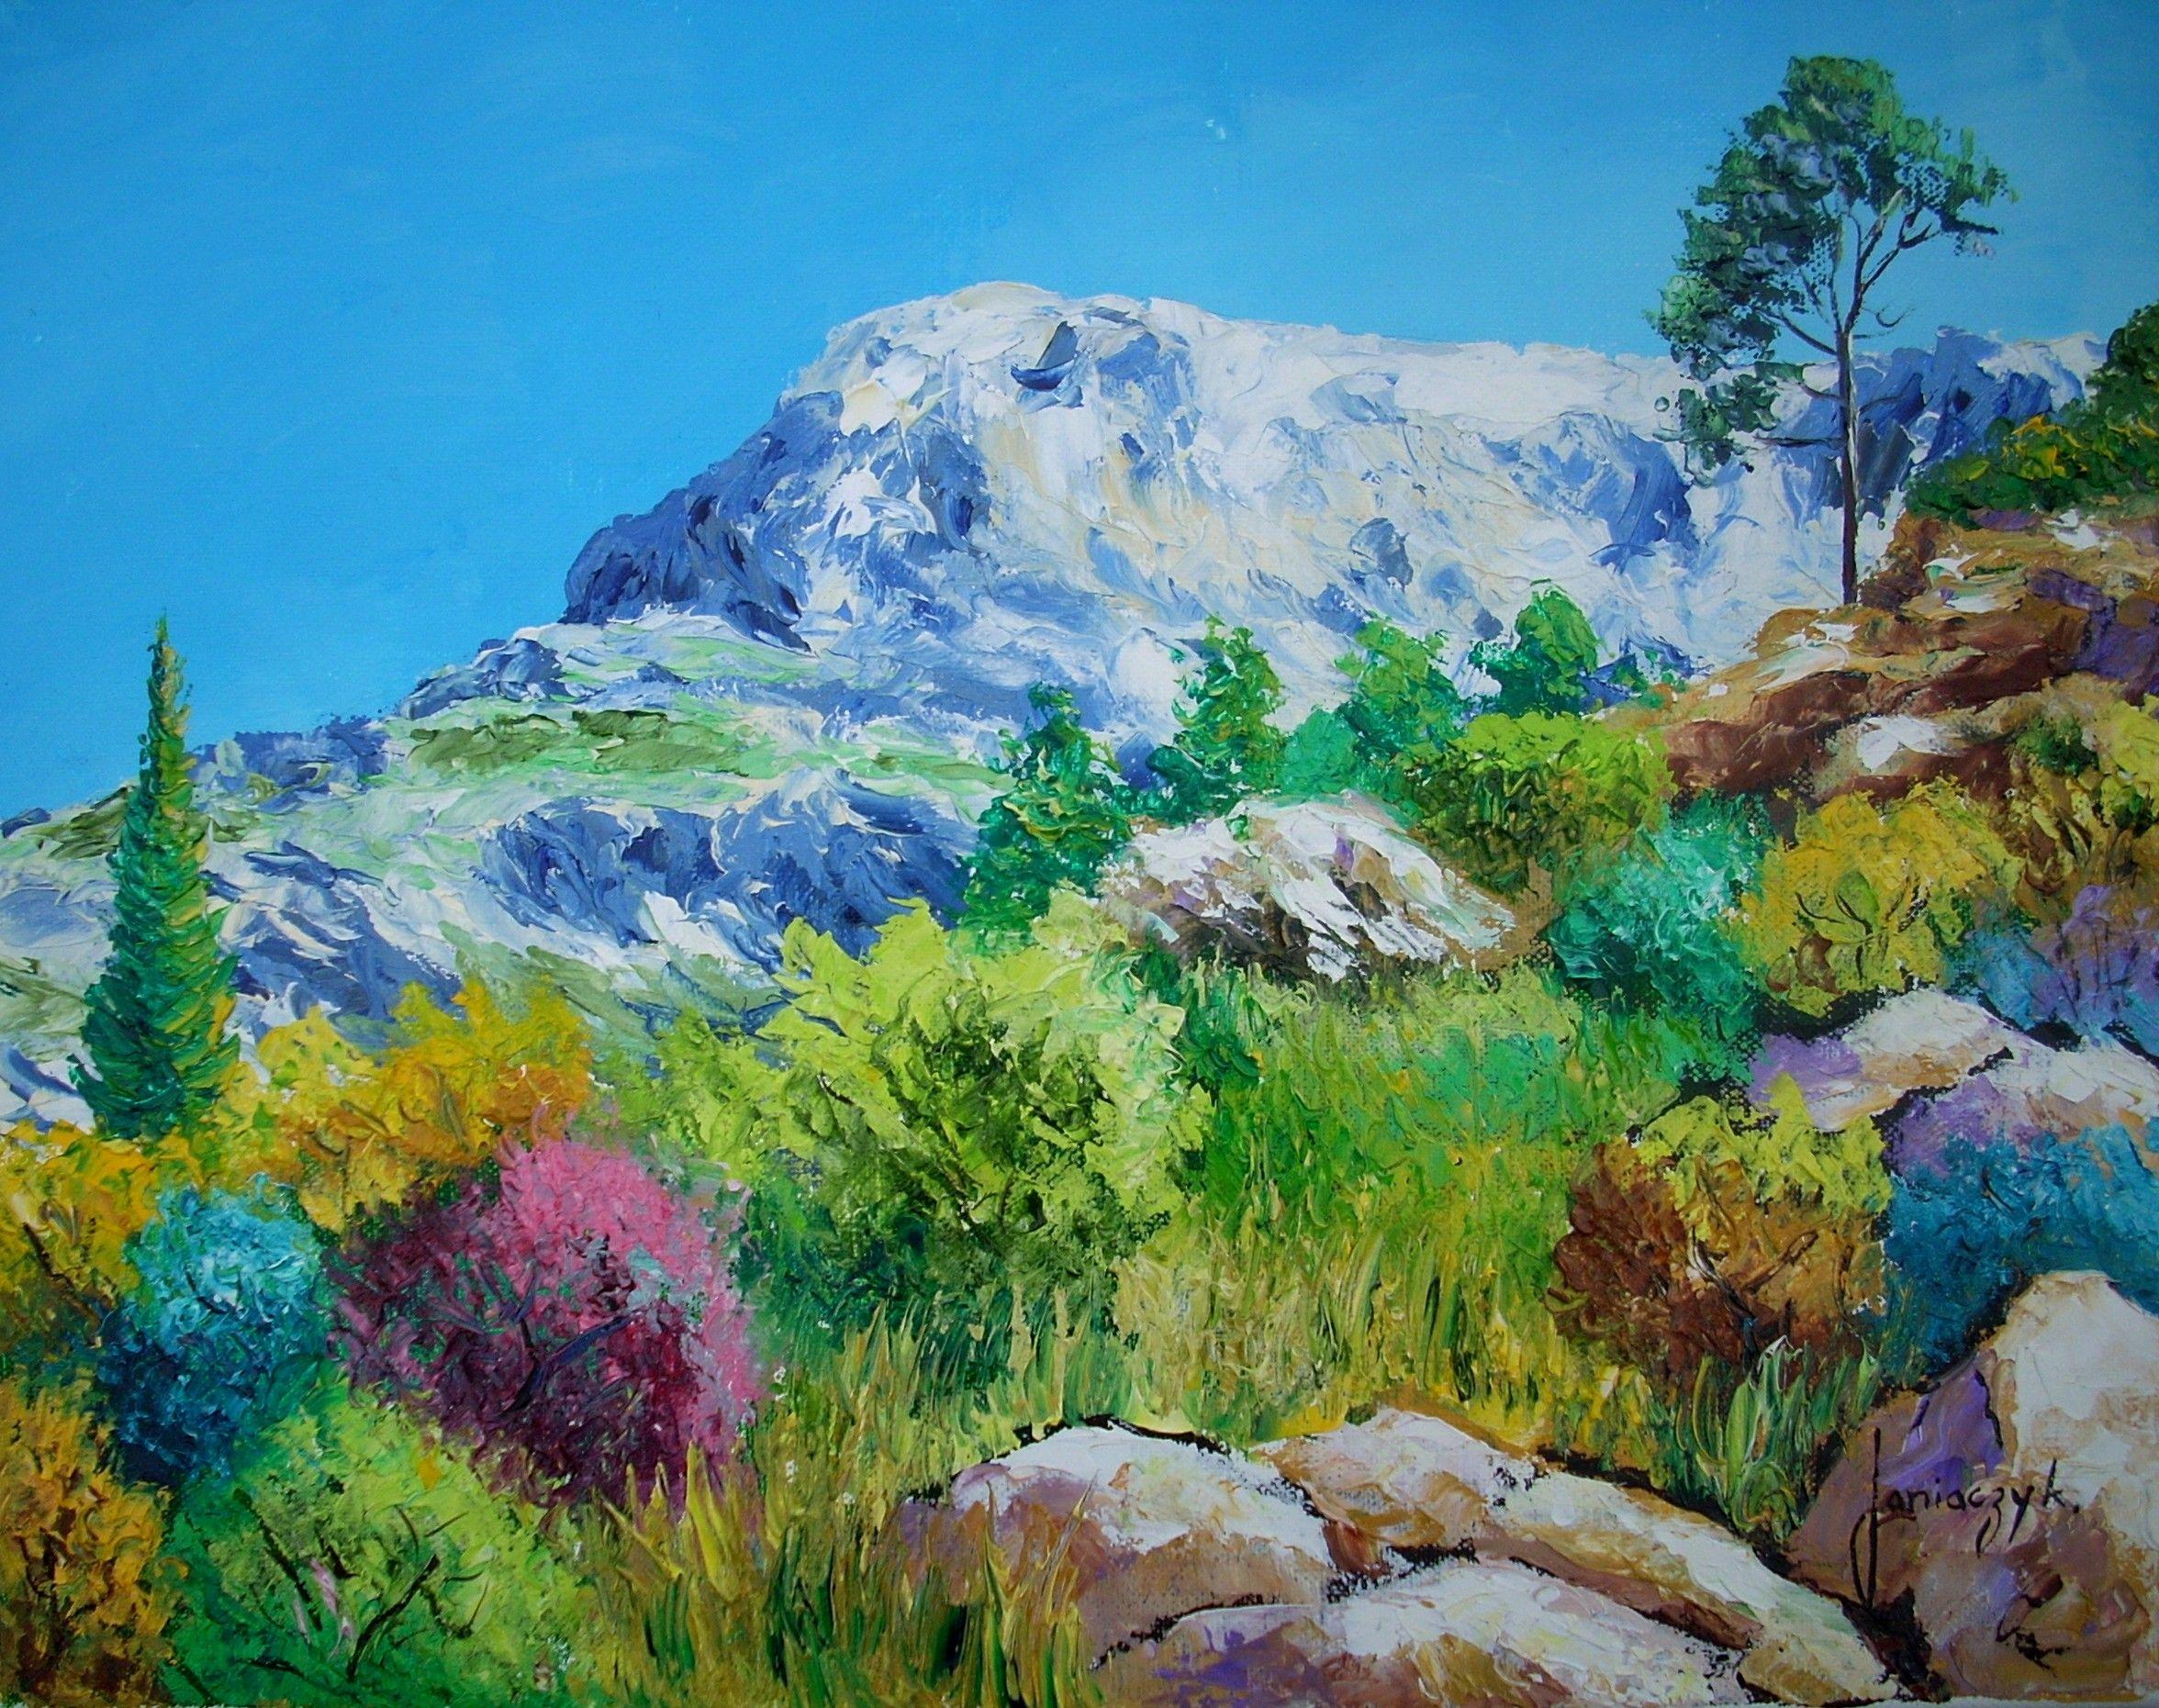 La Montagne Sainte Victoire Peinture A L Huile Au Couteau De Jean